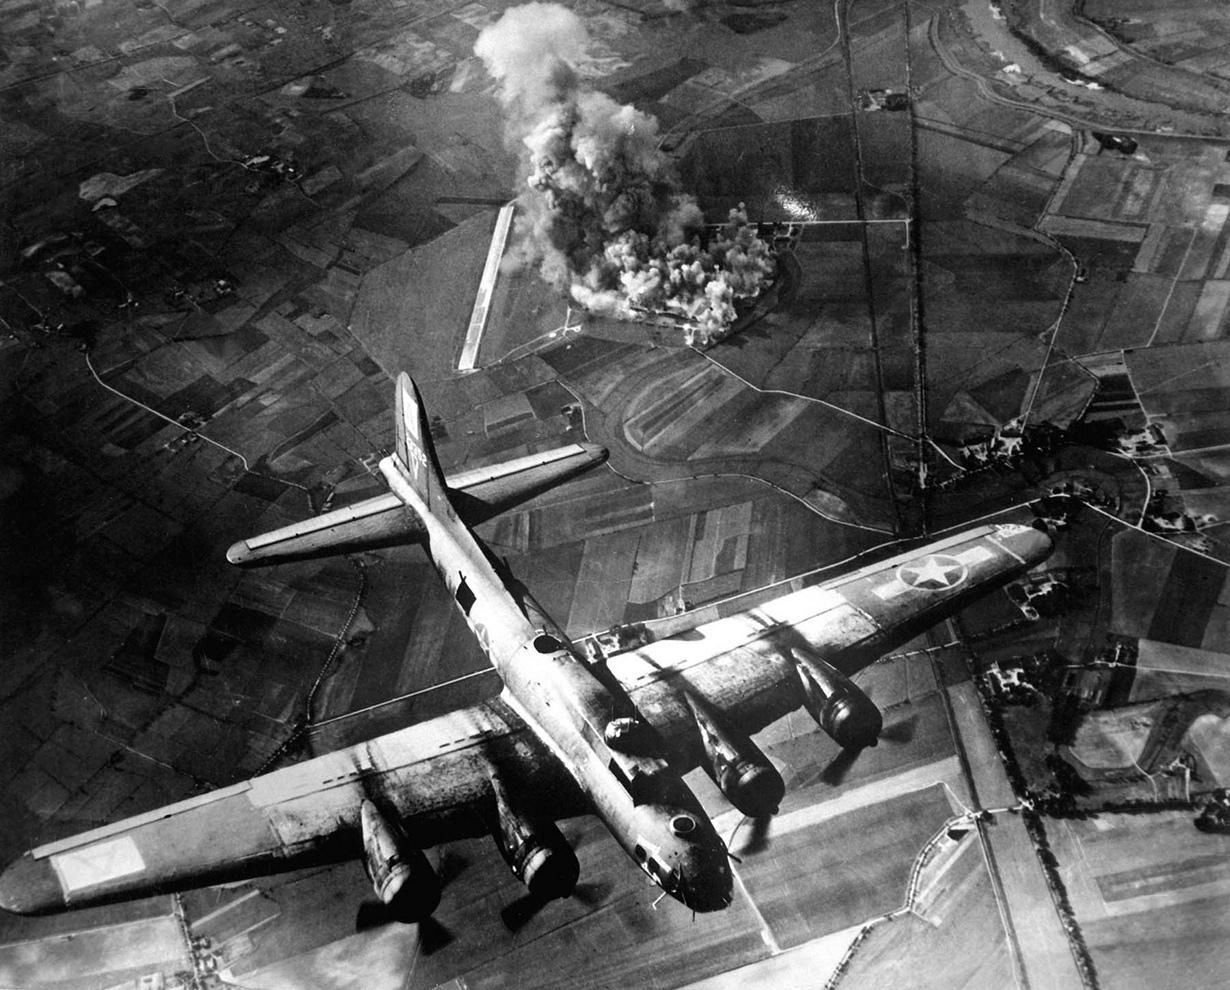 5500 бомб времён Второй мировой войны находят и обезвреживают в Германии ежегодно — в среднем 15